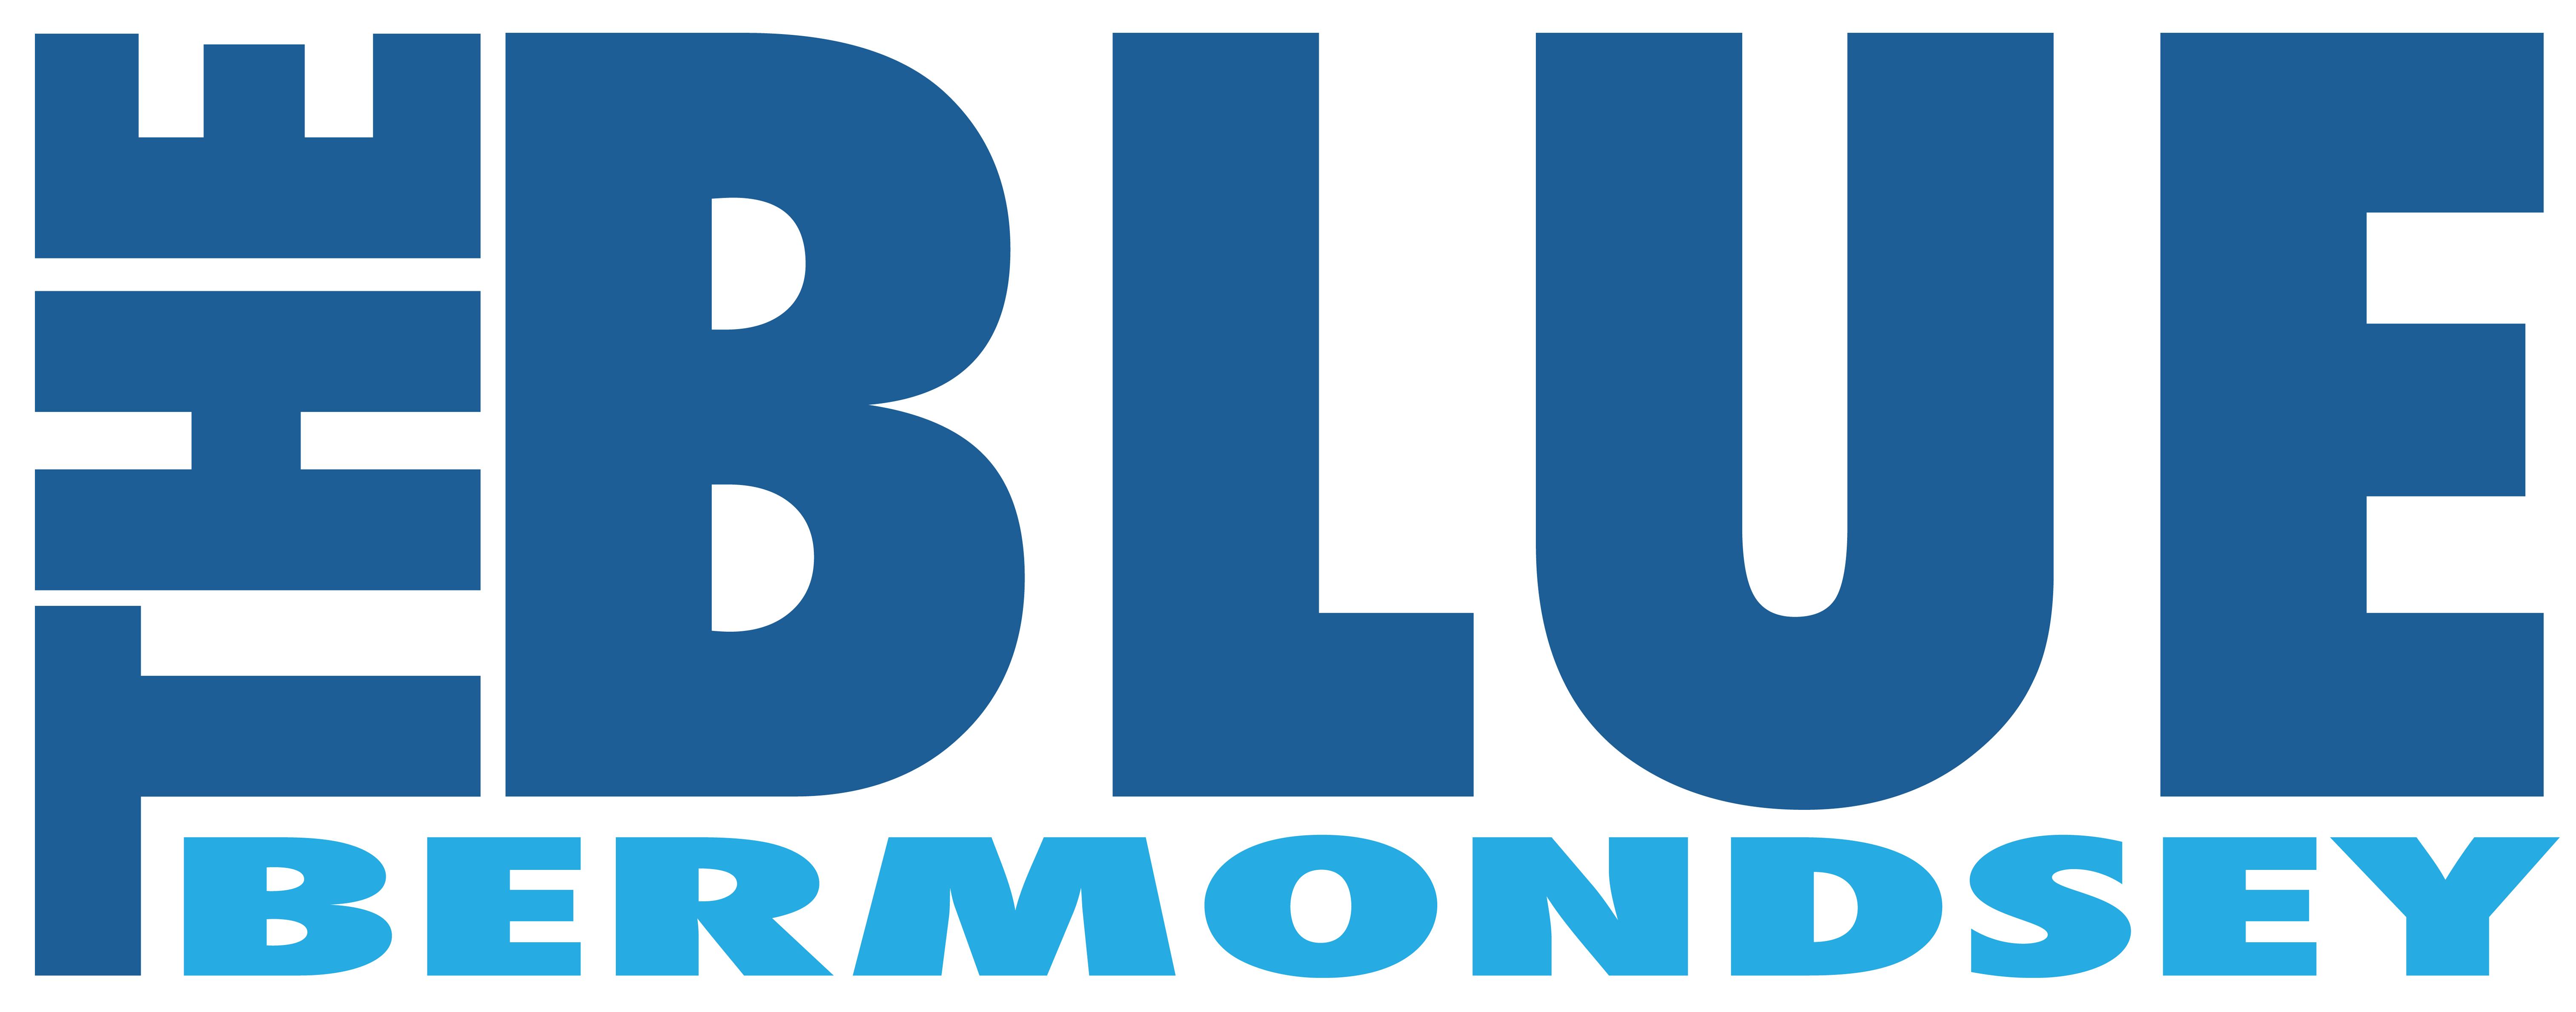 Blue Bermondsey BID logo